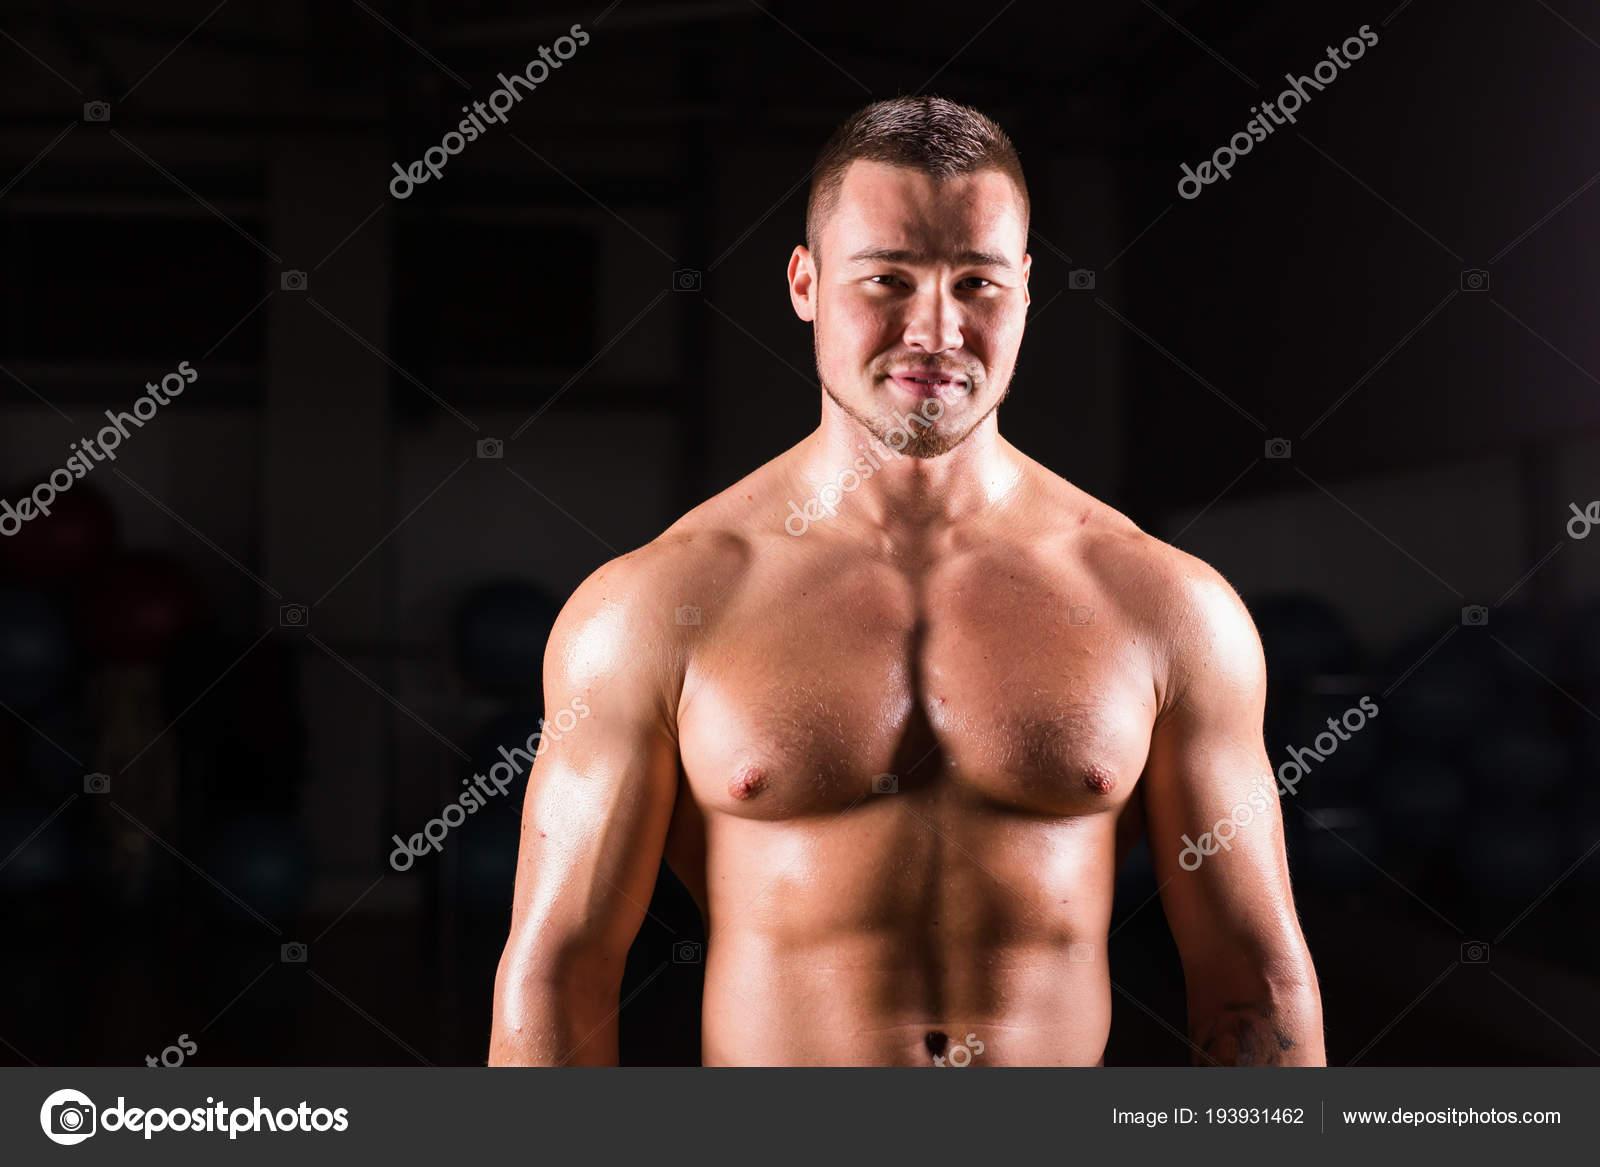 Tyler St James Gay porno